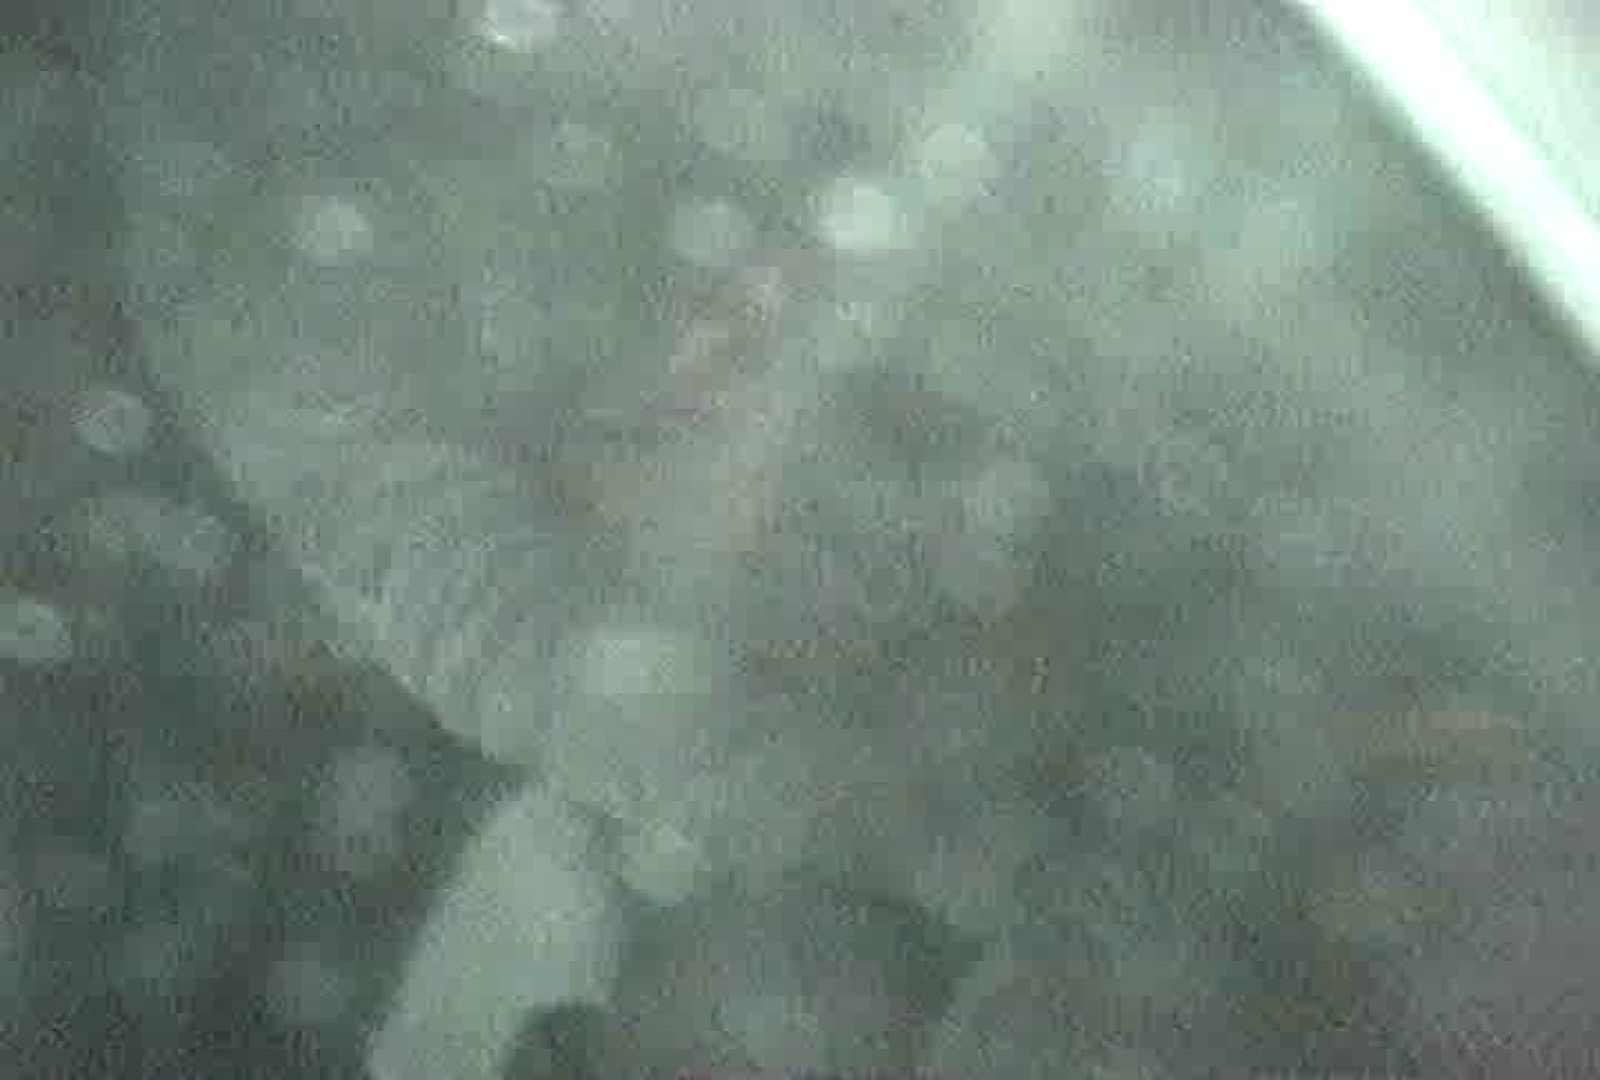 充血監督の深夜の運動会Vol.76 おまんこモロ出し | カップル  99pic 7